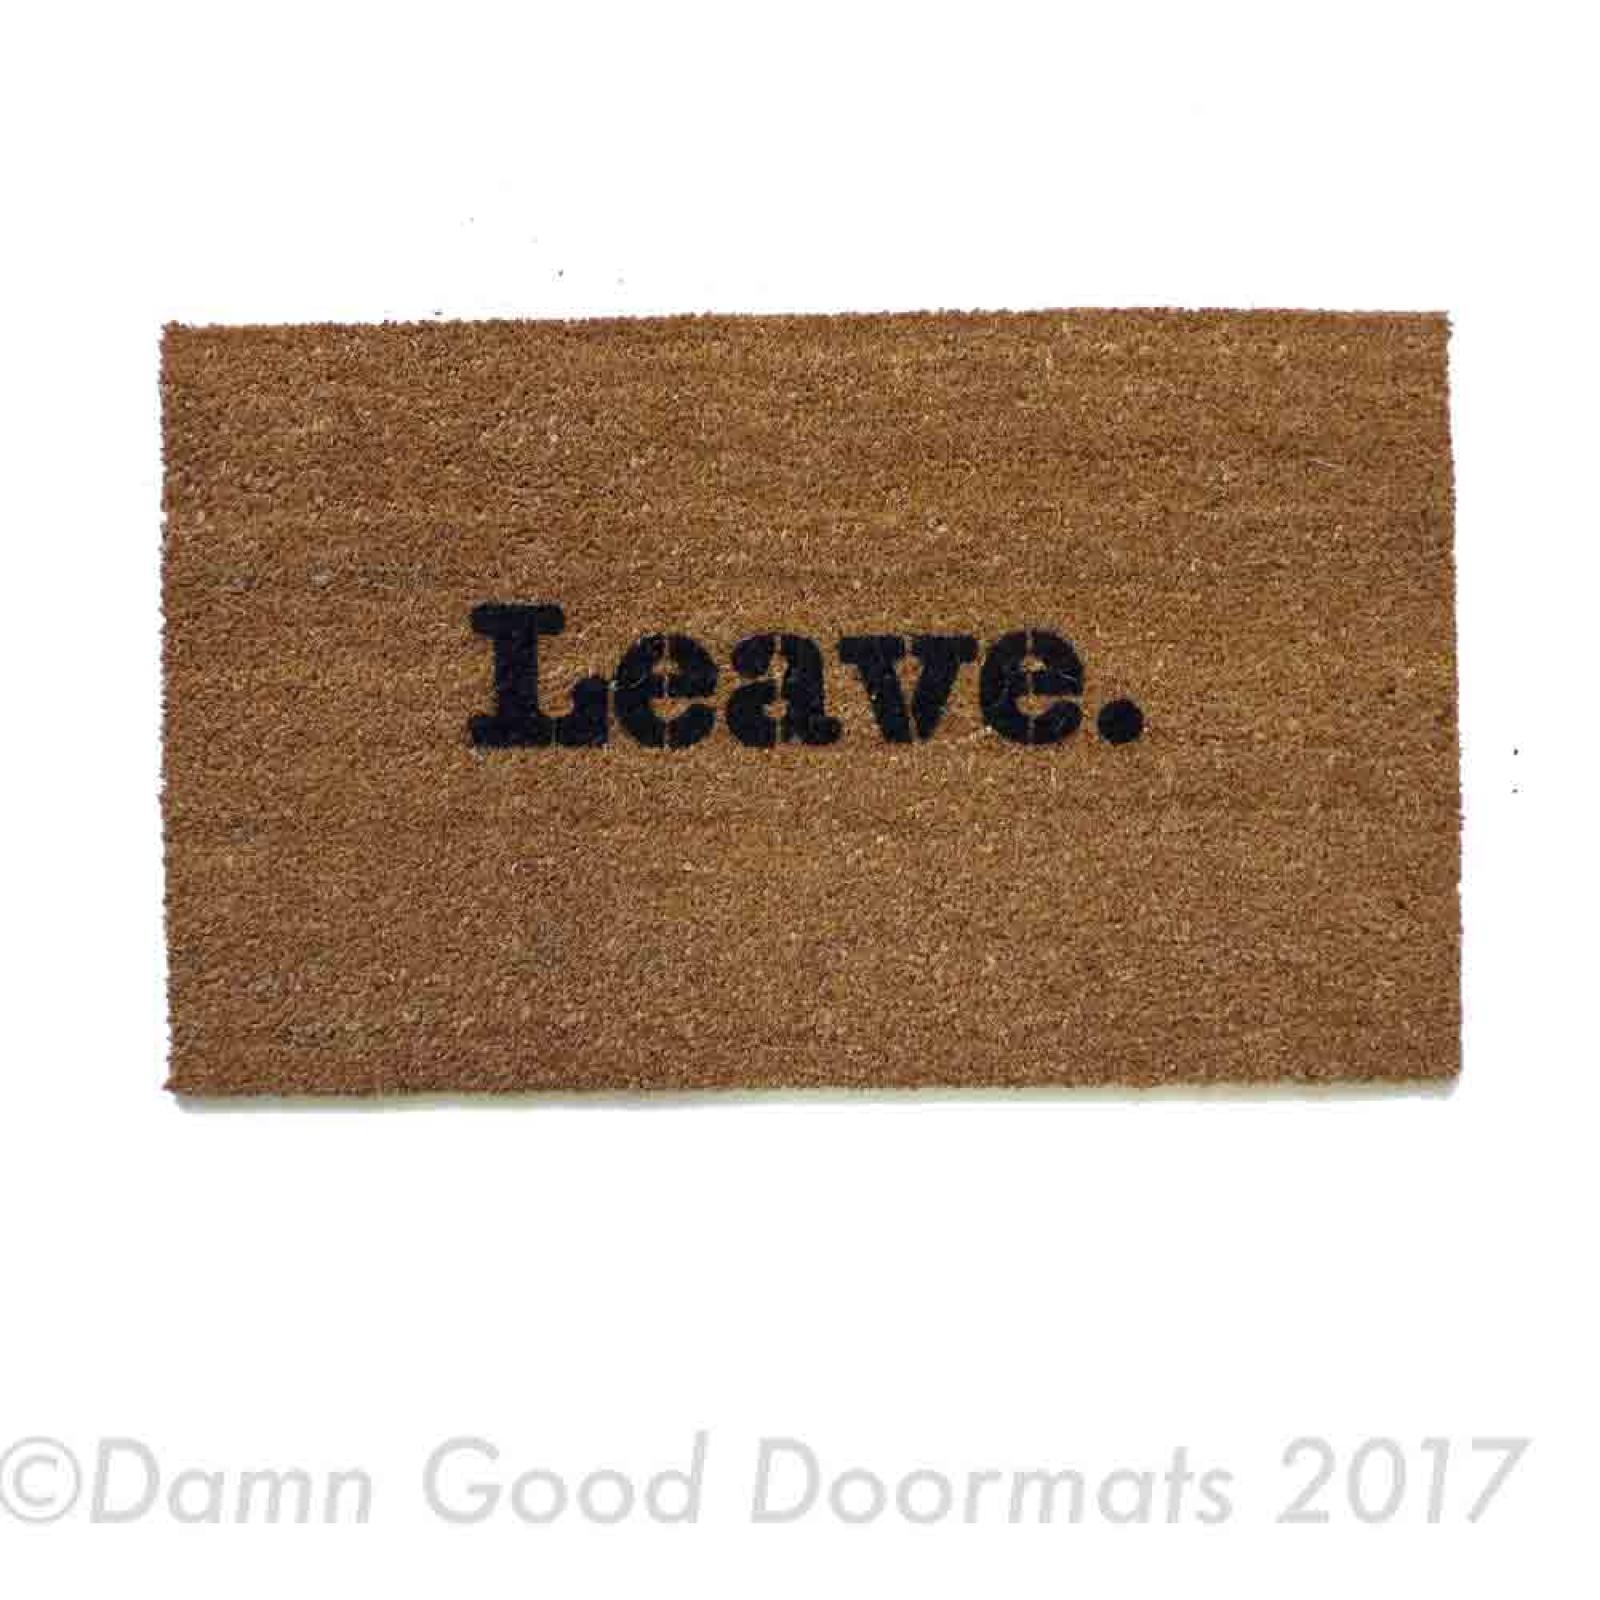 Leave unwelcome doormat funny rude mature novelty doormat damn good doormats - Doormat that says leave ...